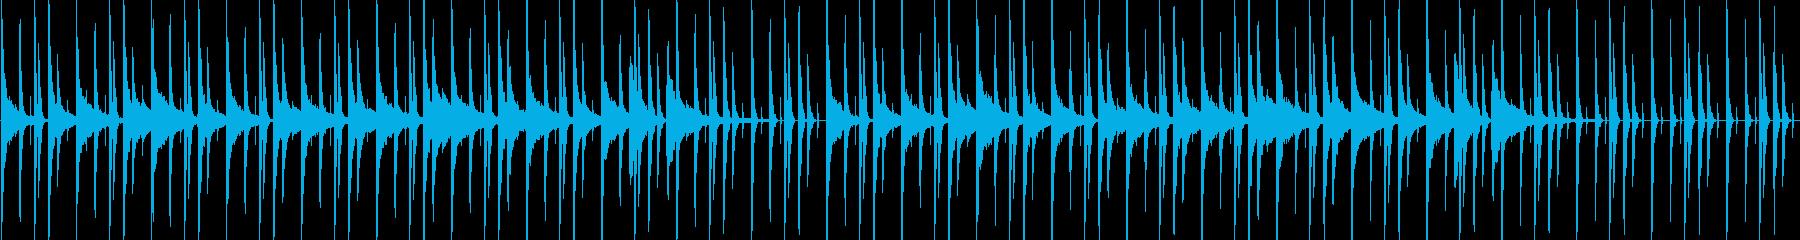 夜中の都会なピアノLo-Fiの再生済みの波形